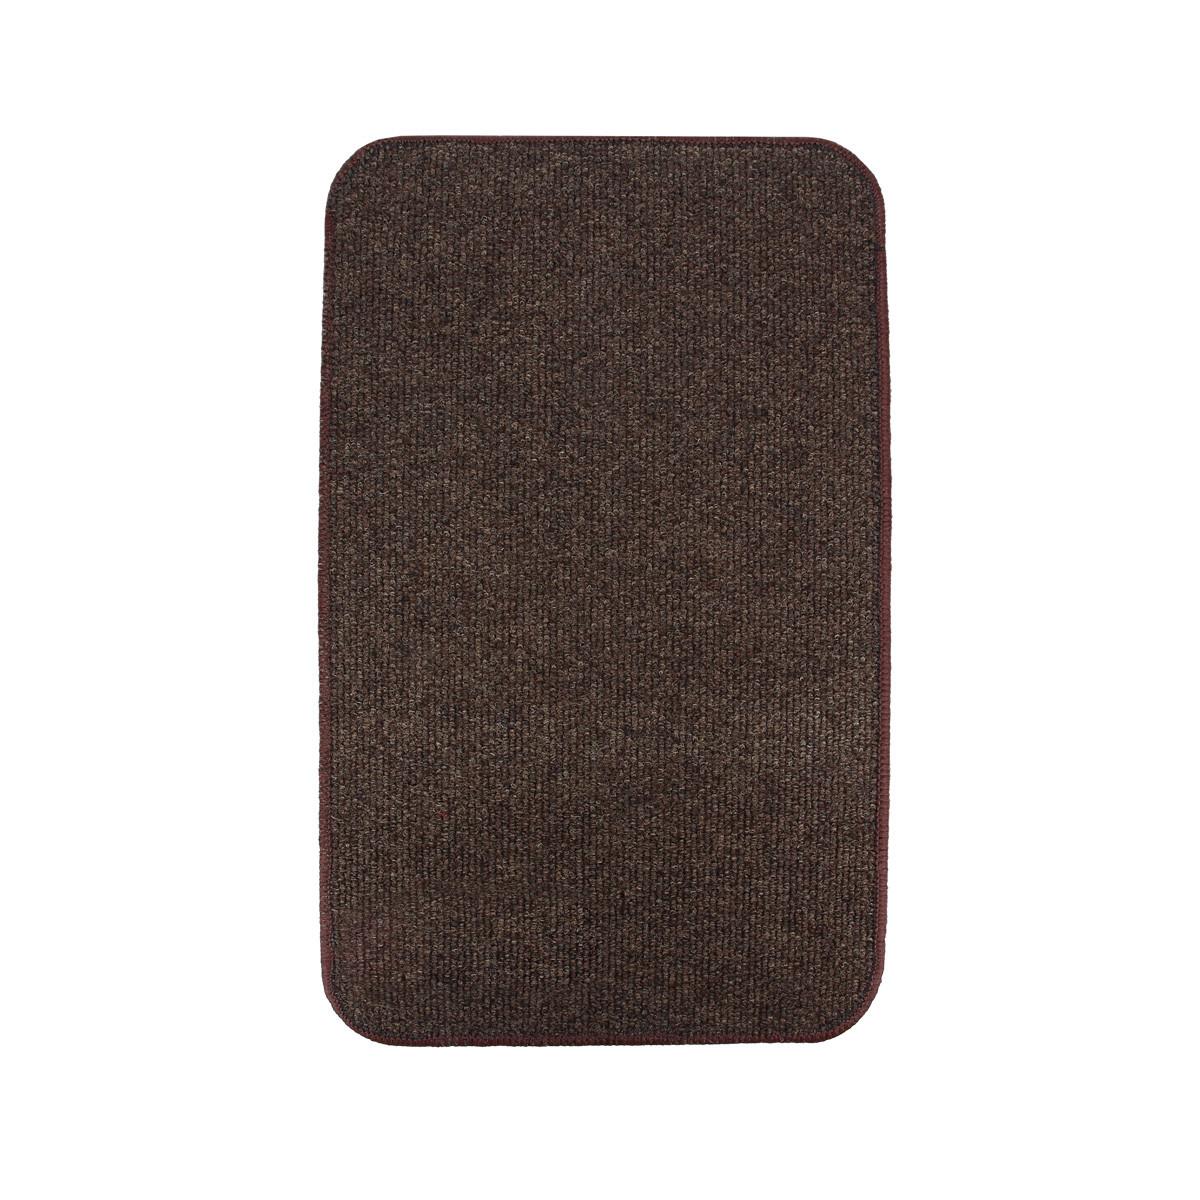 Електричний килимок з підігрівом Теплик з термоізоляцією 100 х 150 см Темно-коричневий